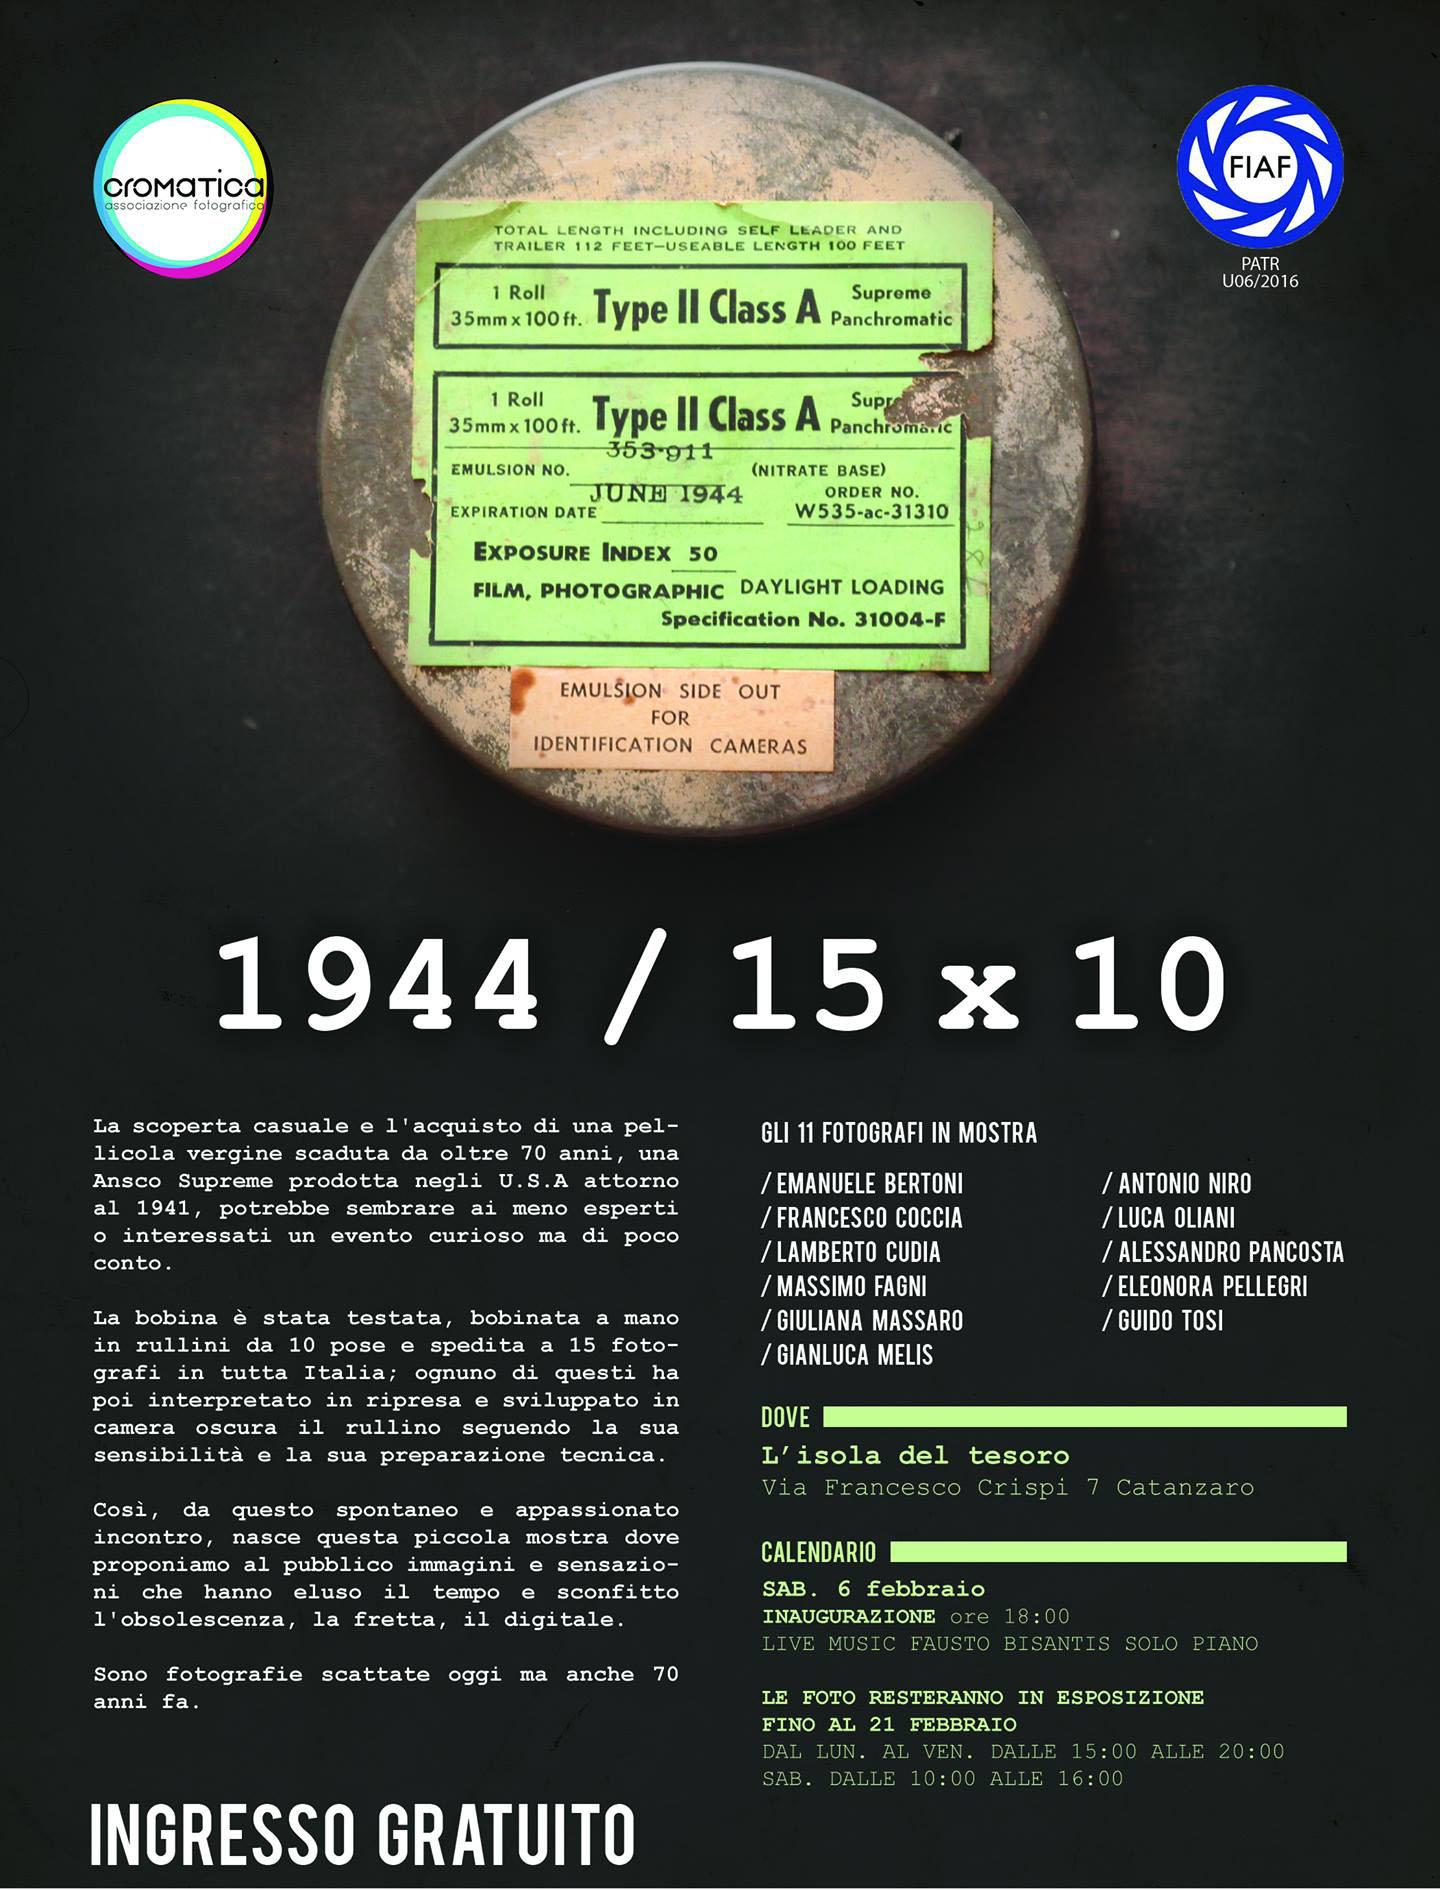 """1712d5870fdf99 Dopo essere stata esposta in diverse città italiane, approda anche a  Catanzaro, su iniziativa dell'associazione fotografica """"Cromatica"""", ..."""